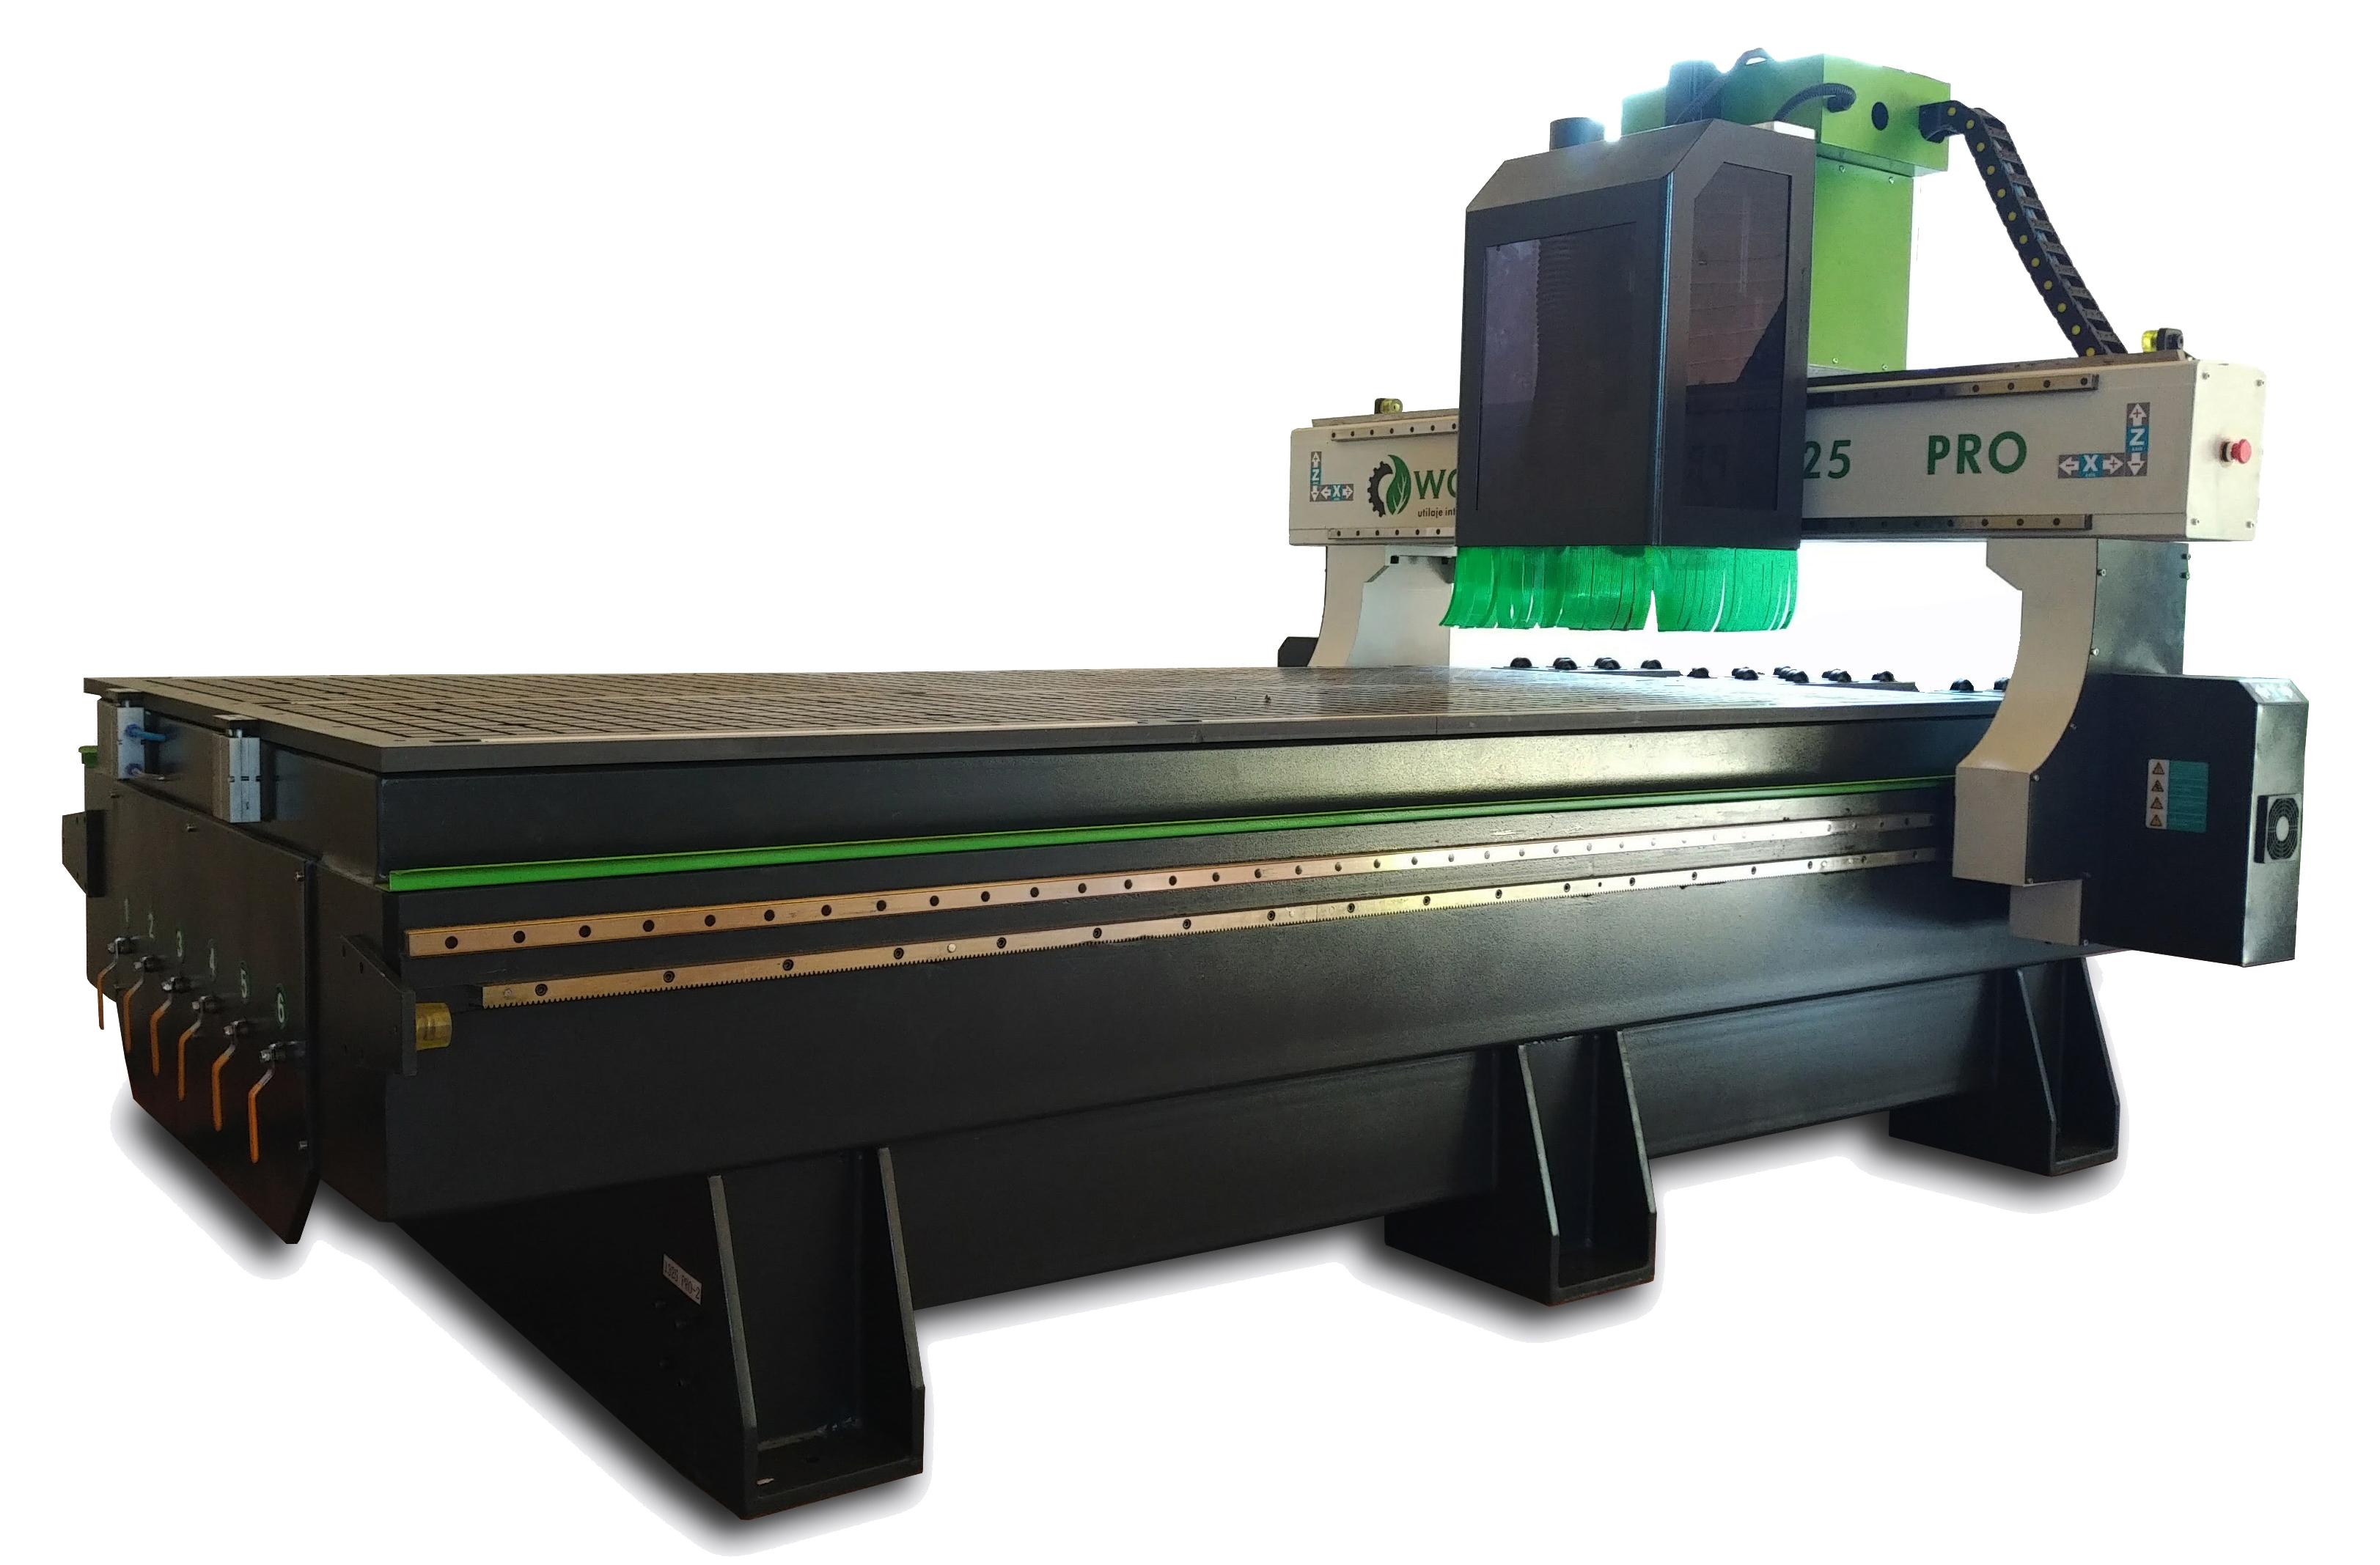 Router CNC 2030 Pro